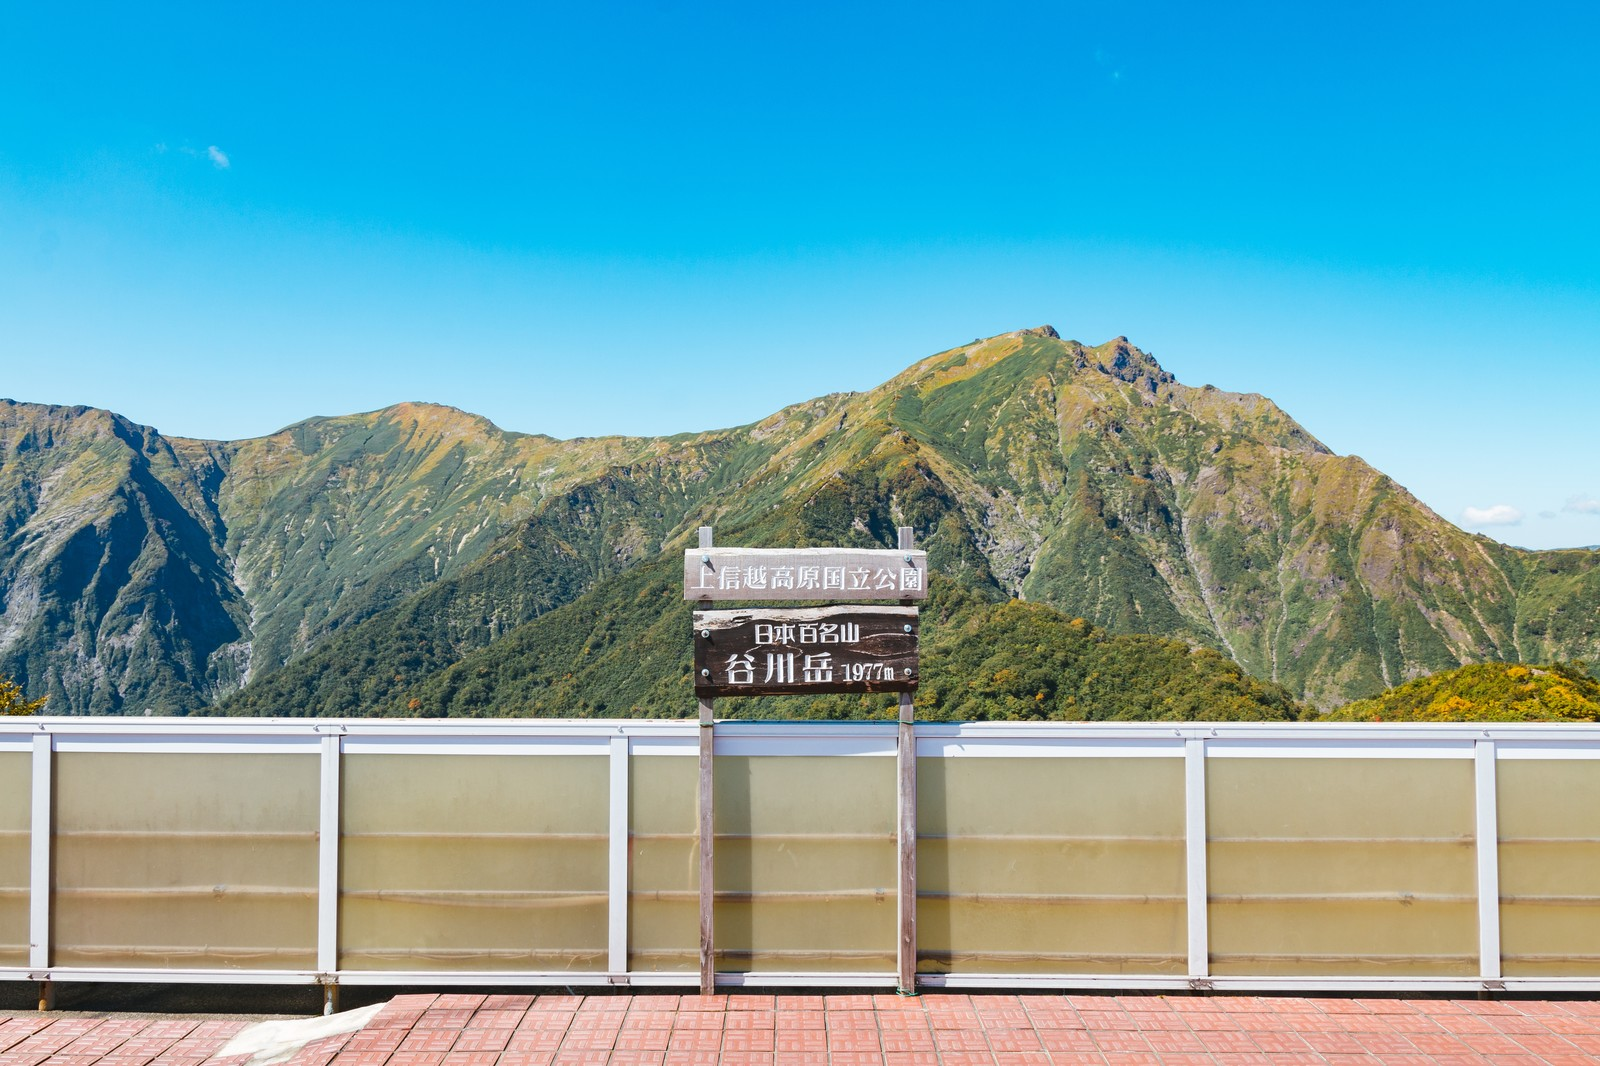 「谷川岳 1977m の看板谷川岳 1977m の看板」のフリー写真素材を拡大